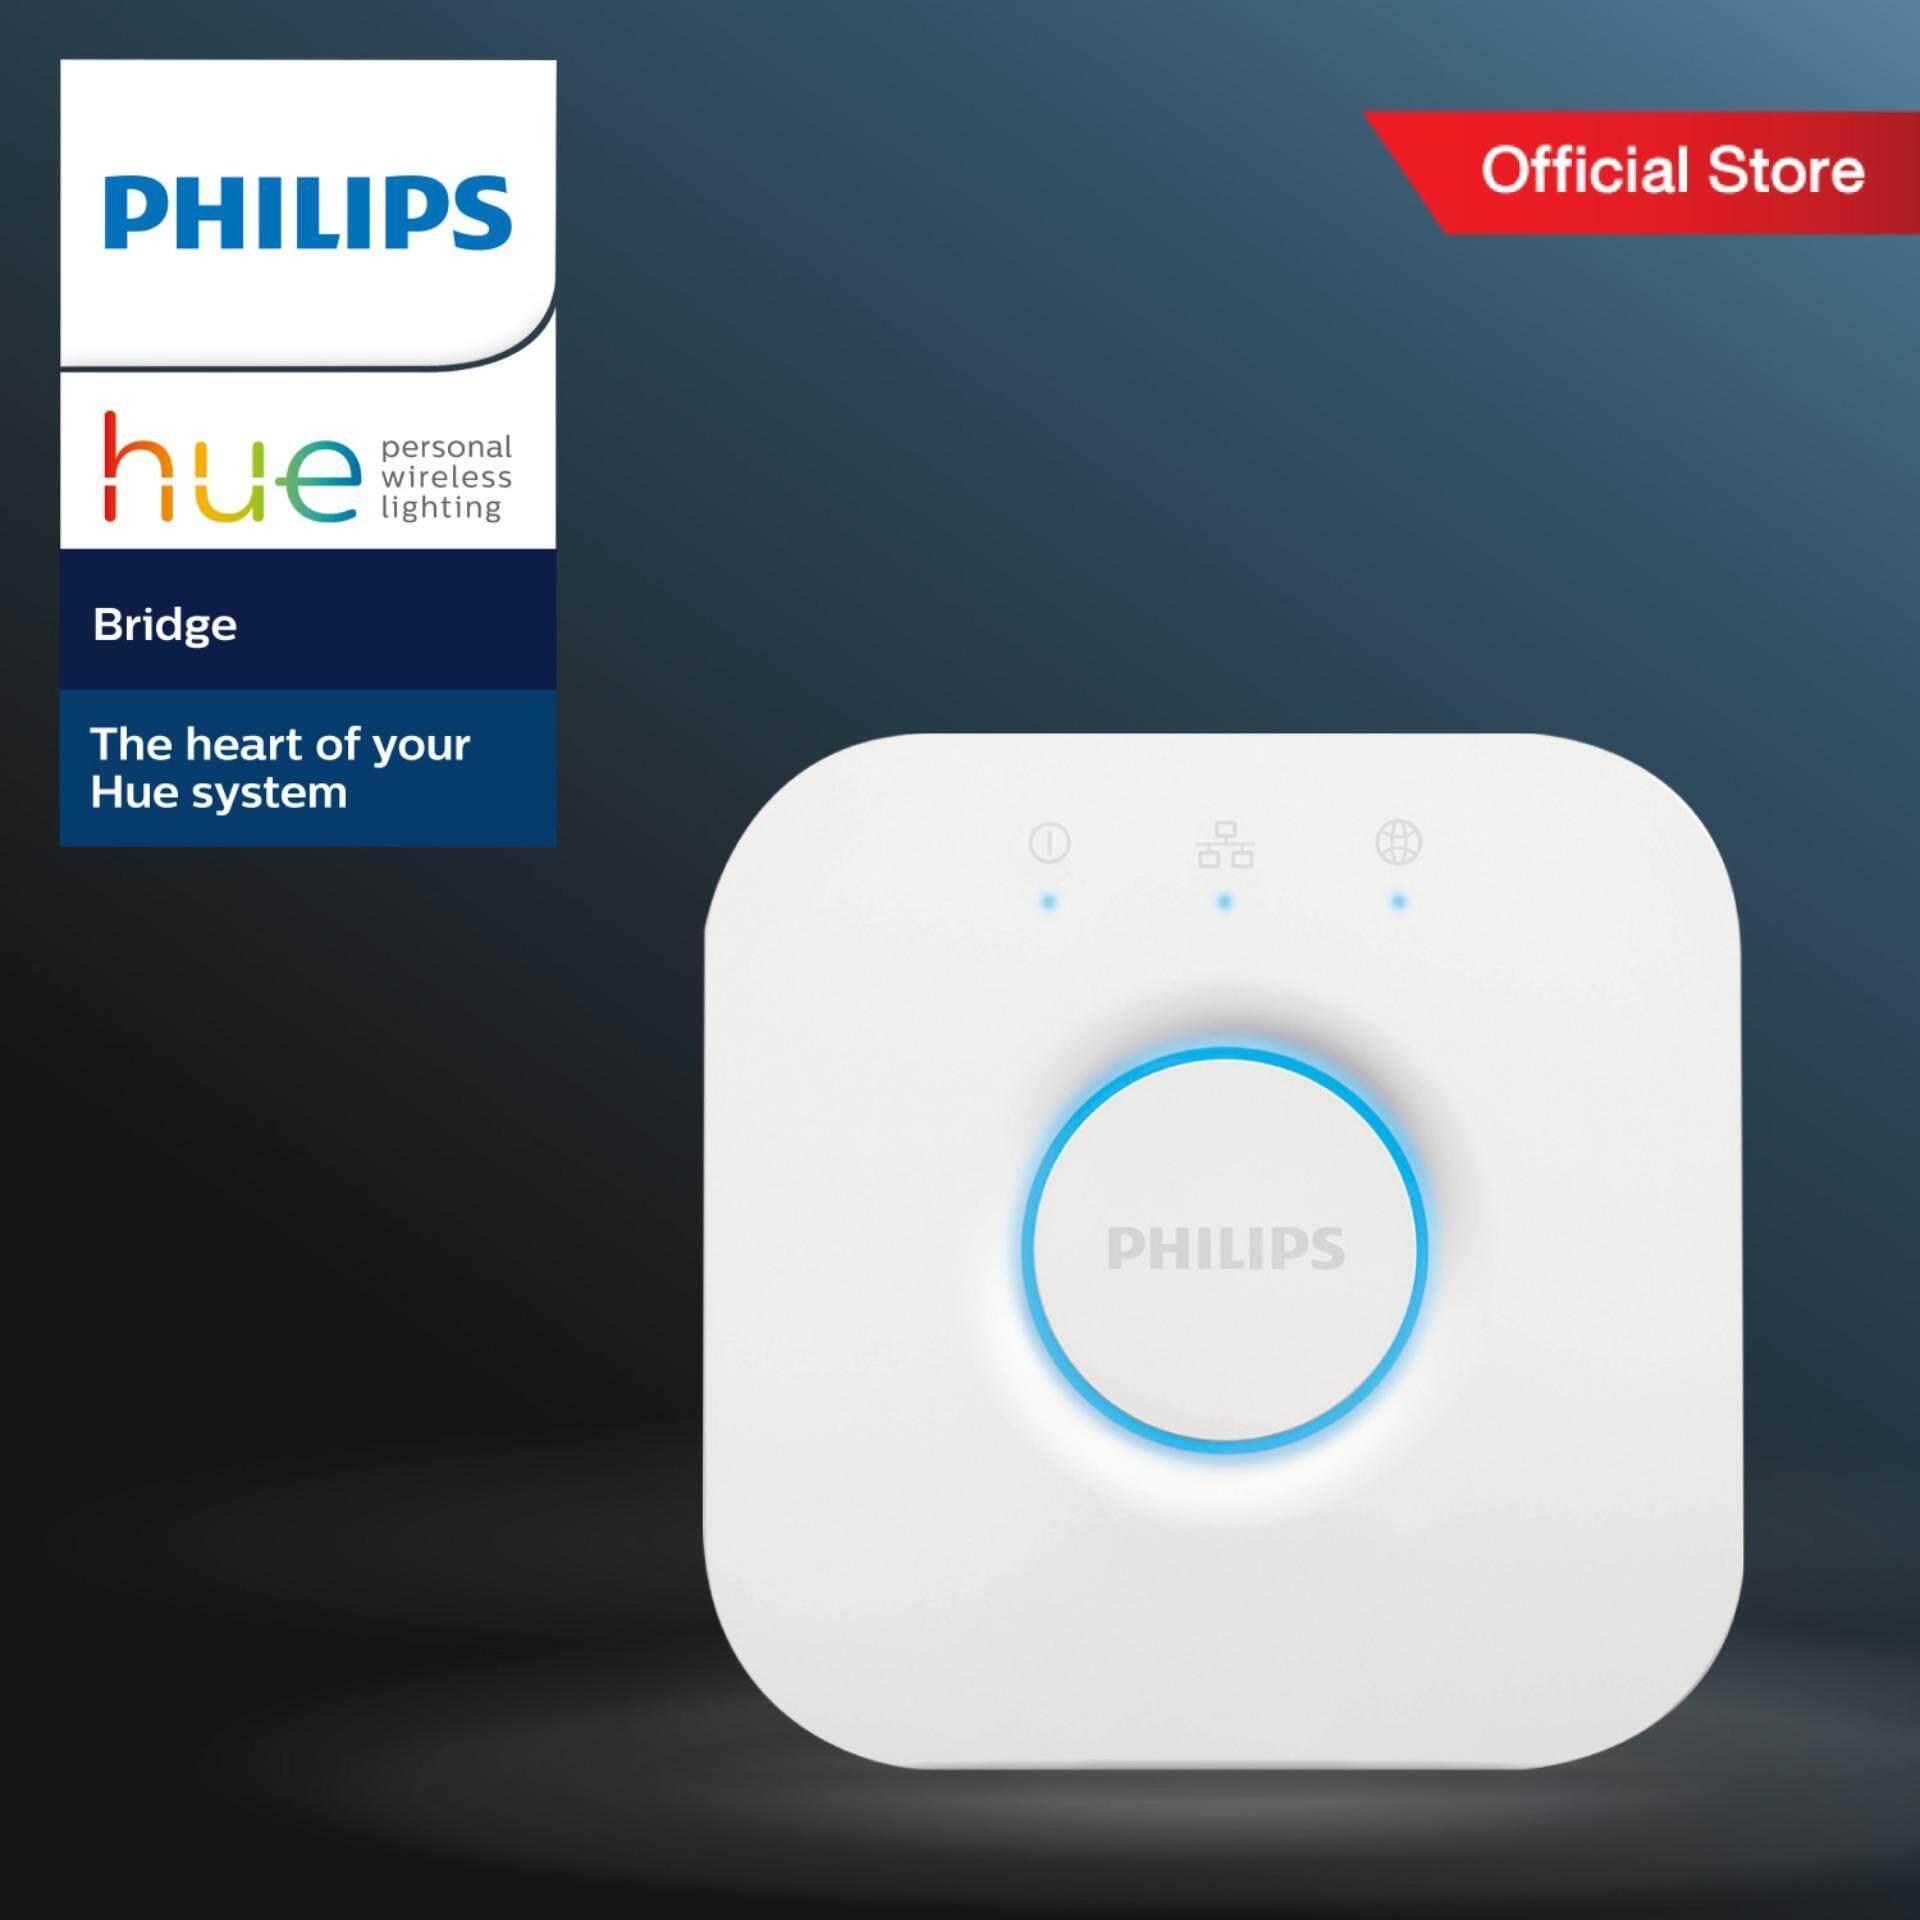 ซื้อ Philips Hue Bridge อุปกรณ์ควบคุมไฟอัจฉริยะ ใน กรุงเทพมหานคร